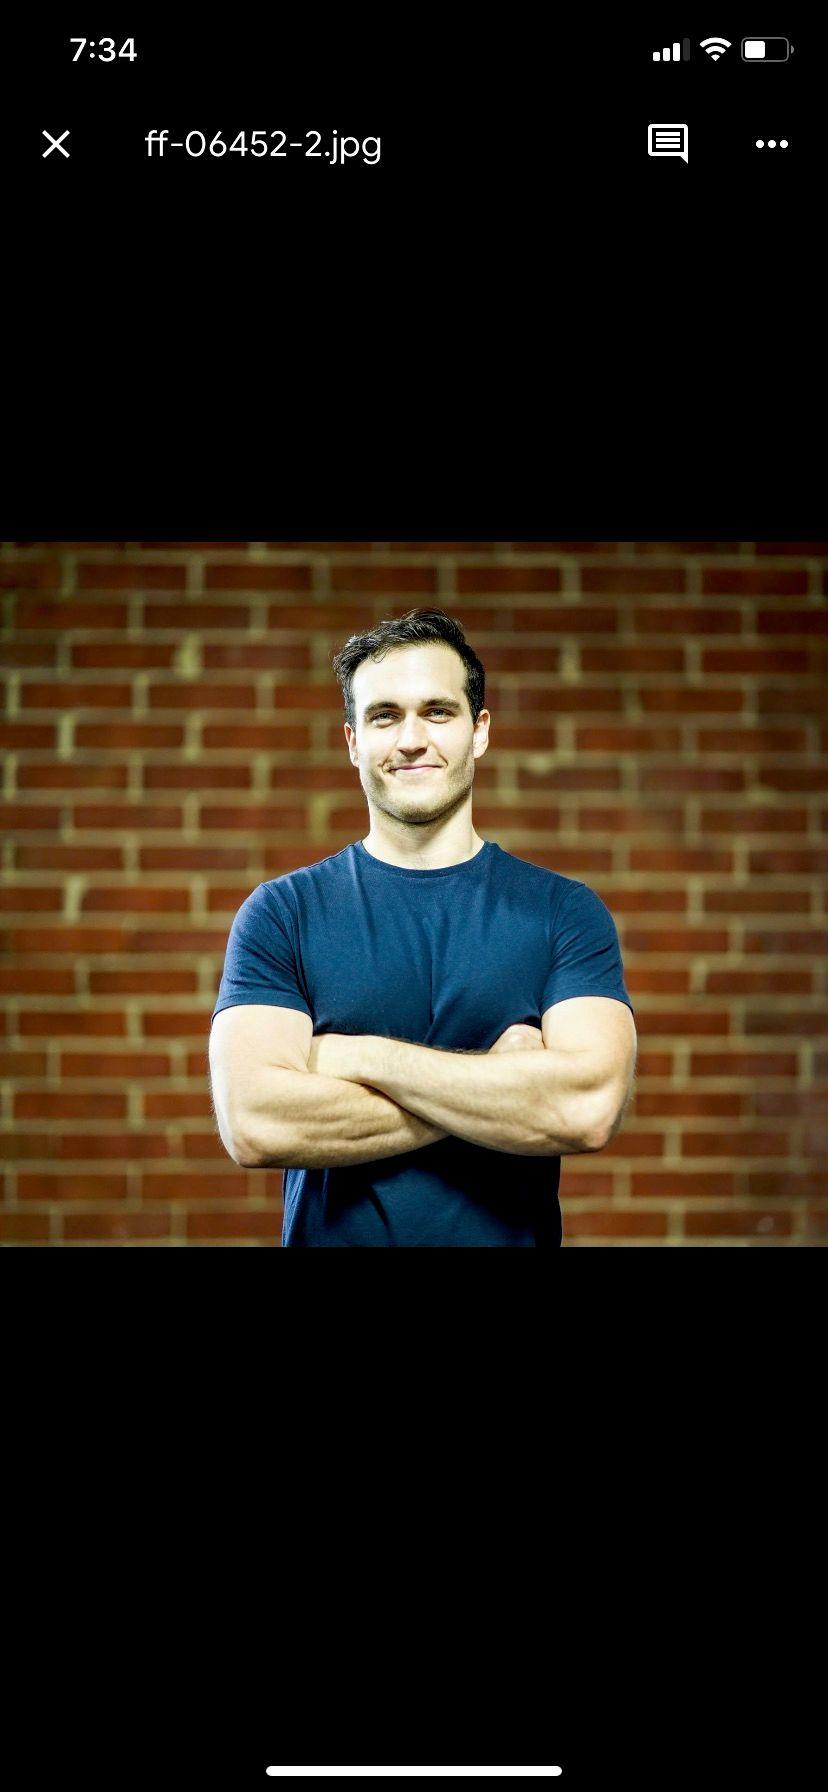 Erik's Fitness